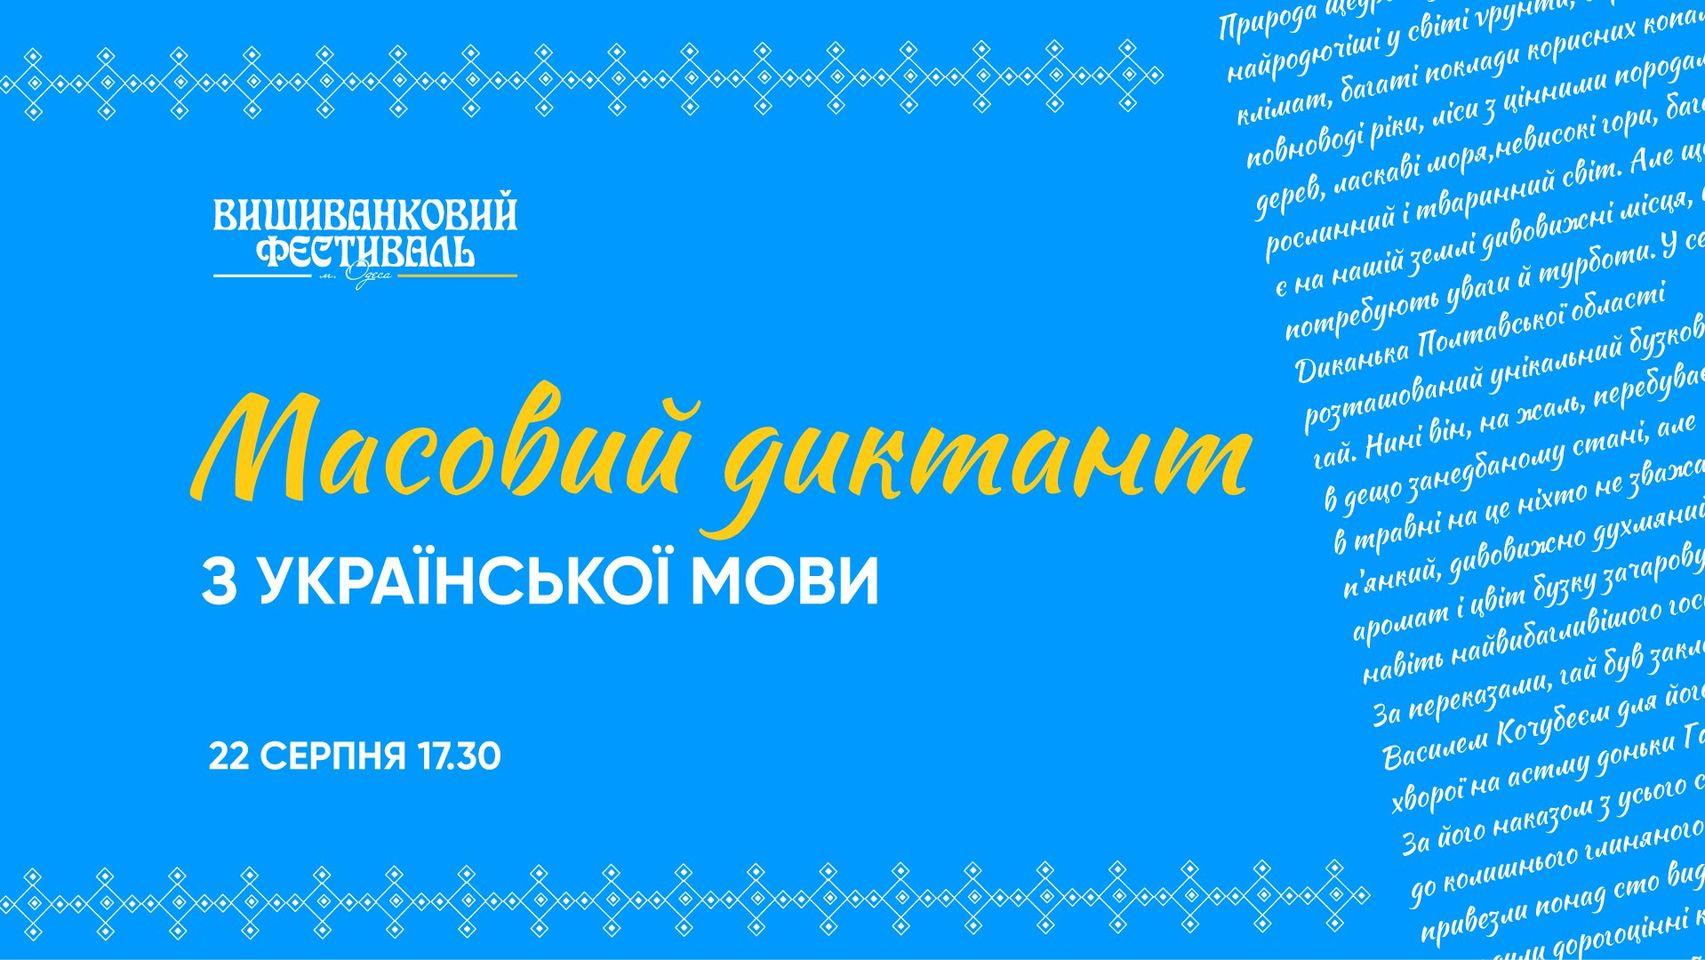 Масовий диктант з української мови